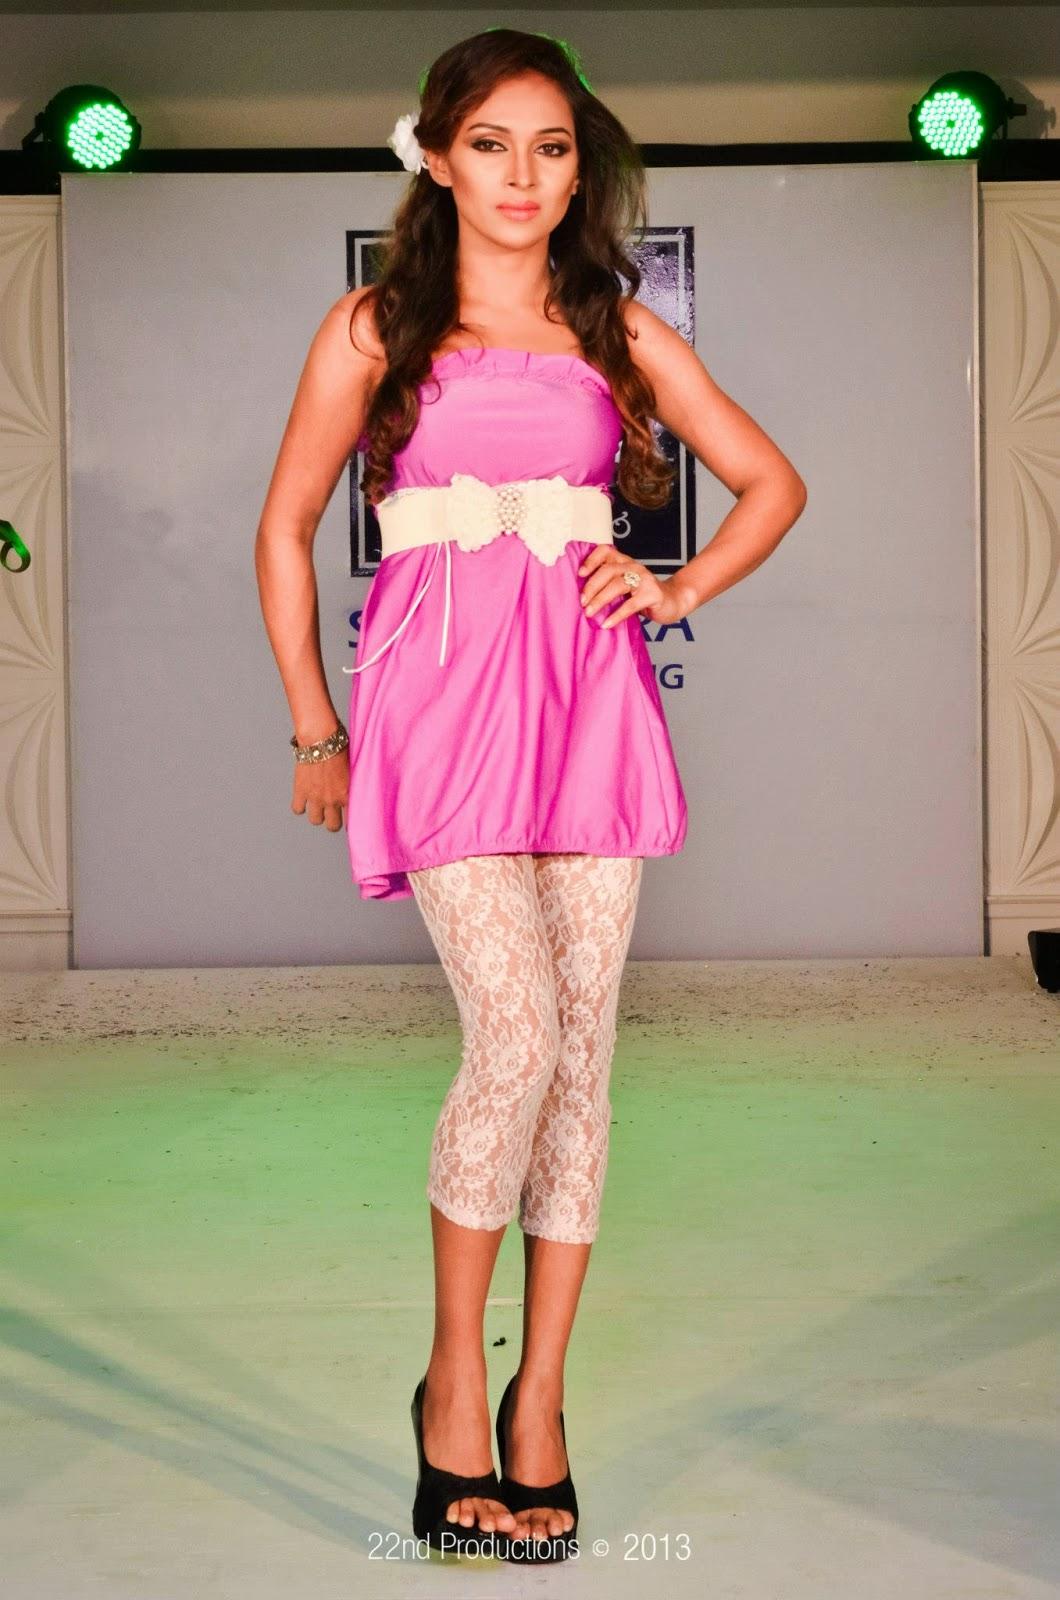 Rashmi Tharushi sri lankan model